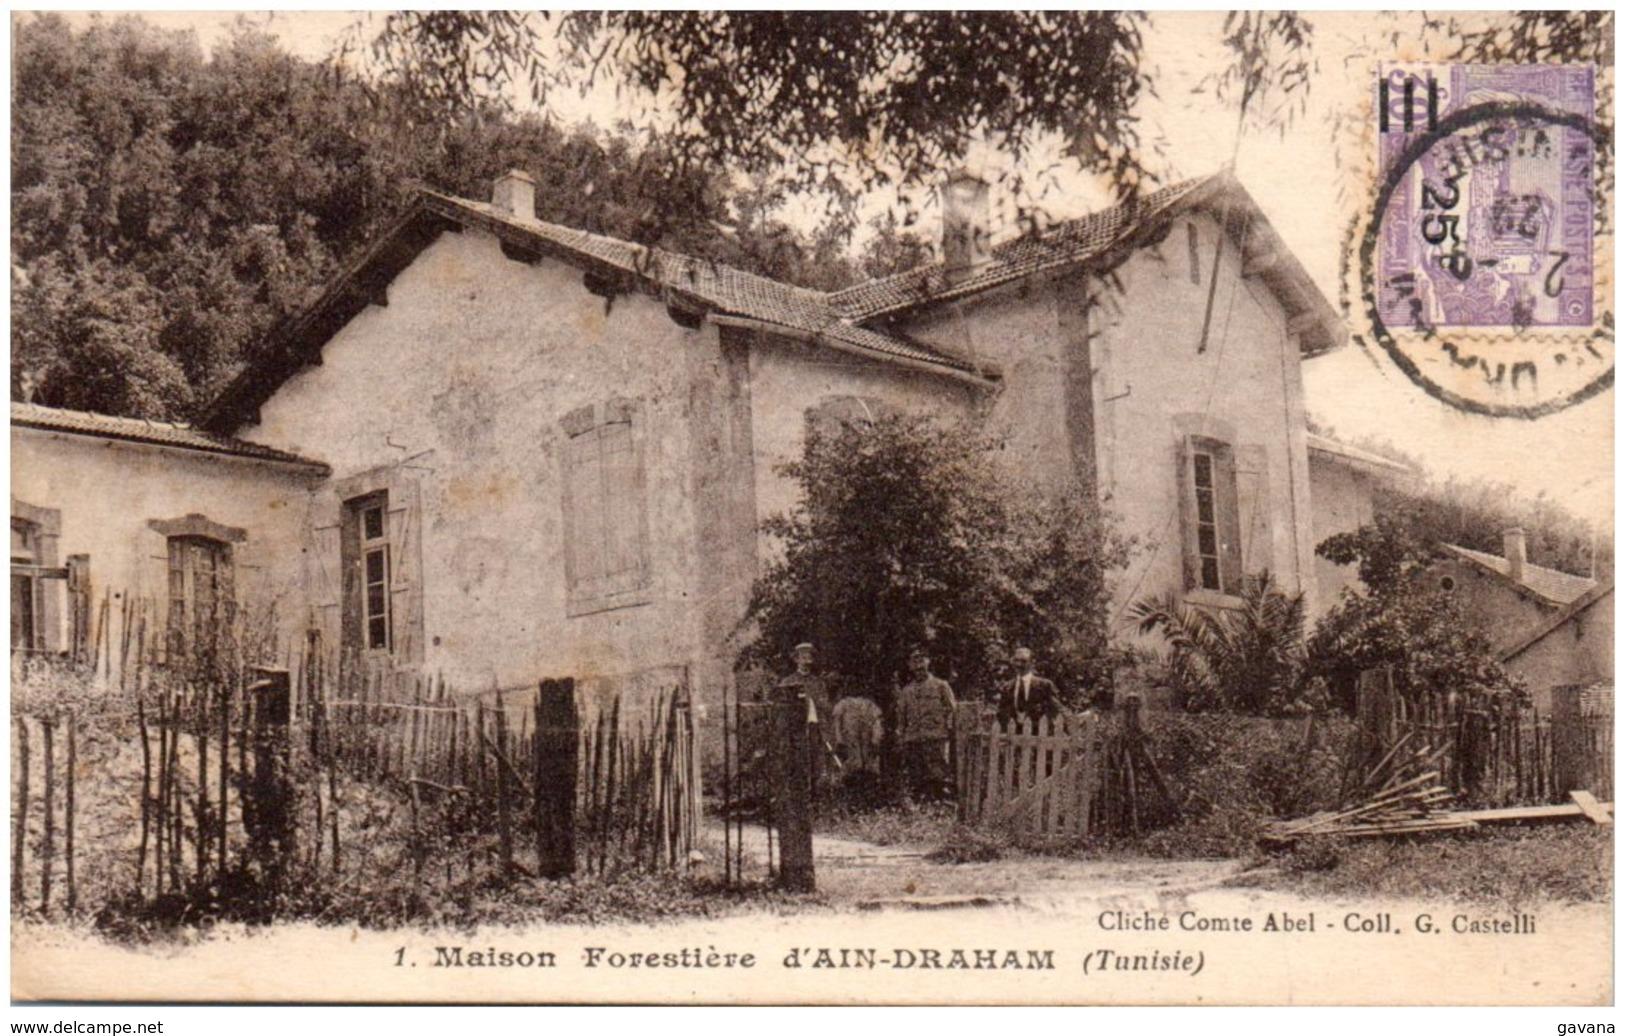 Maison Forestière D'AIN-DRAHAM - Tunisia